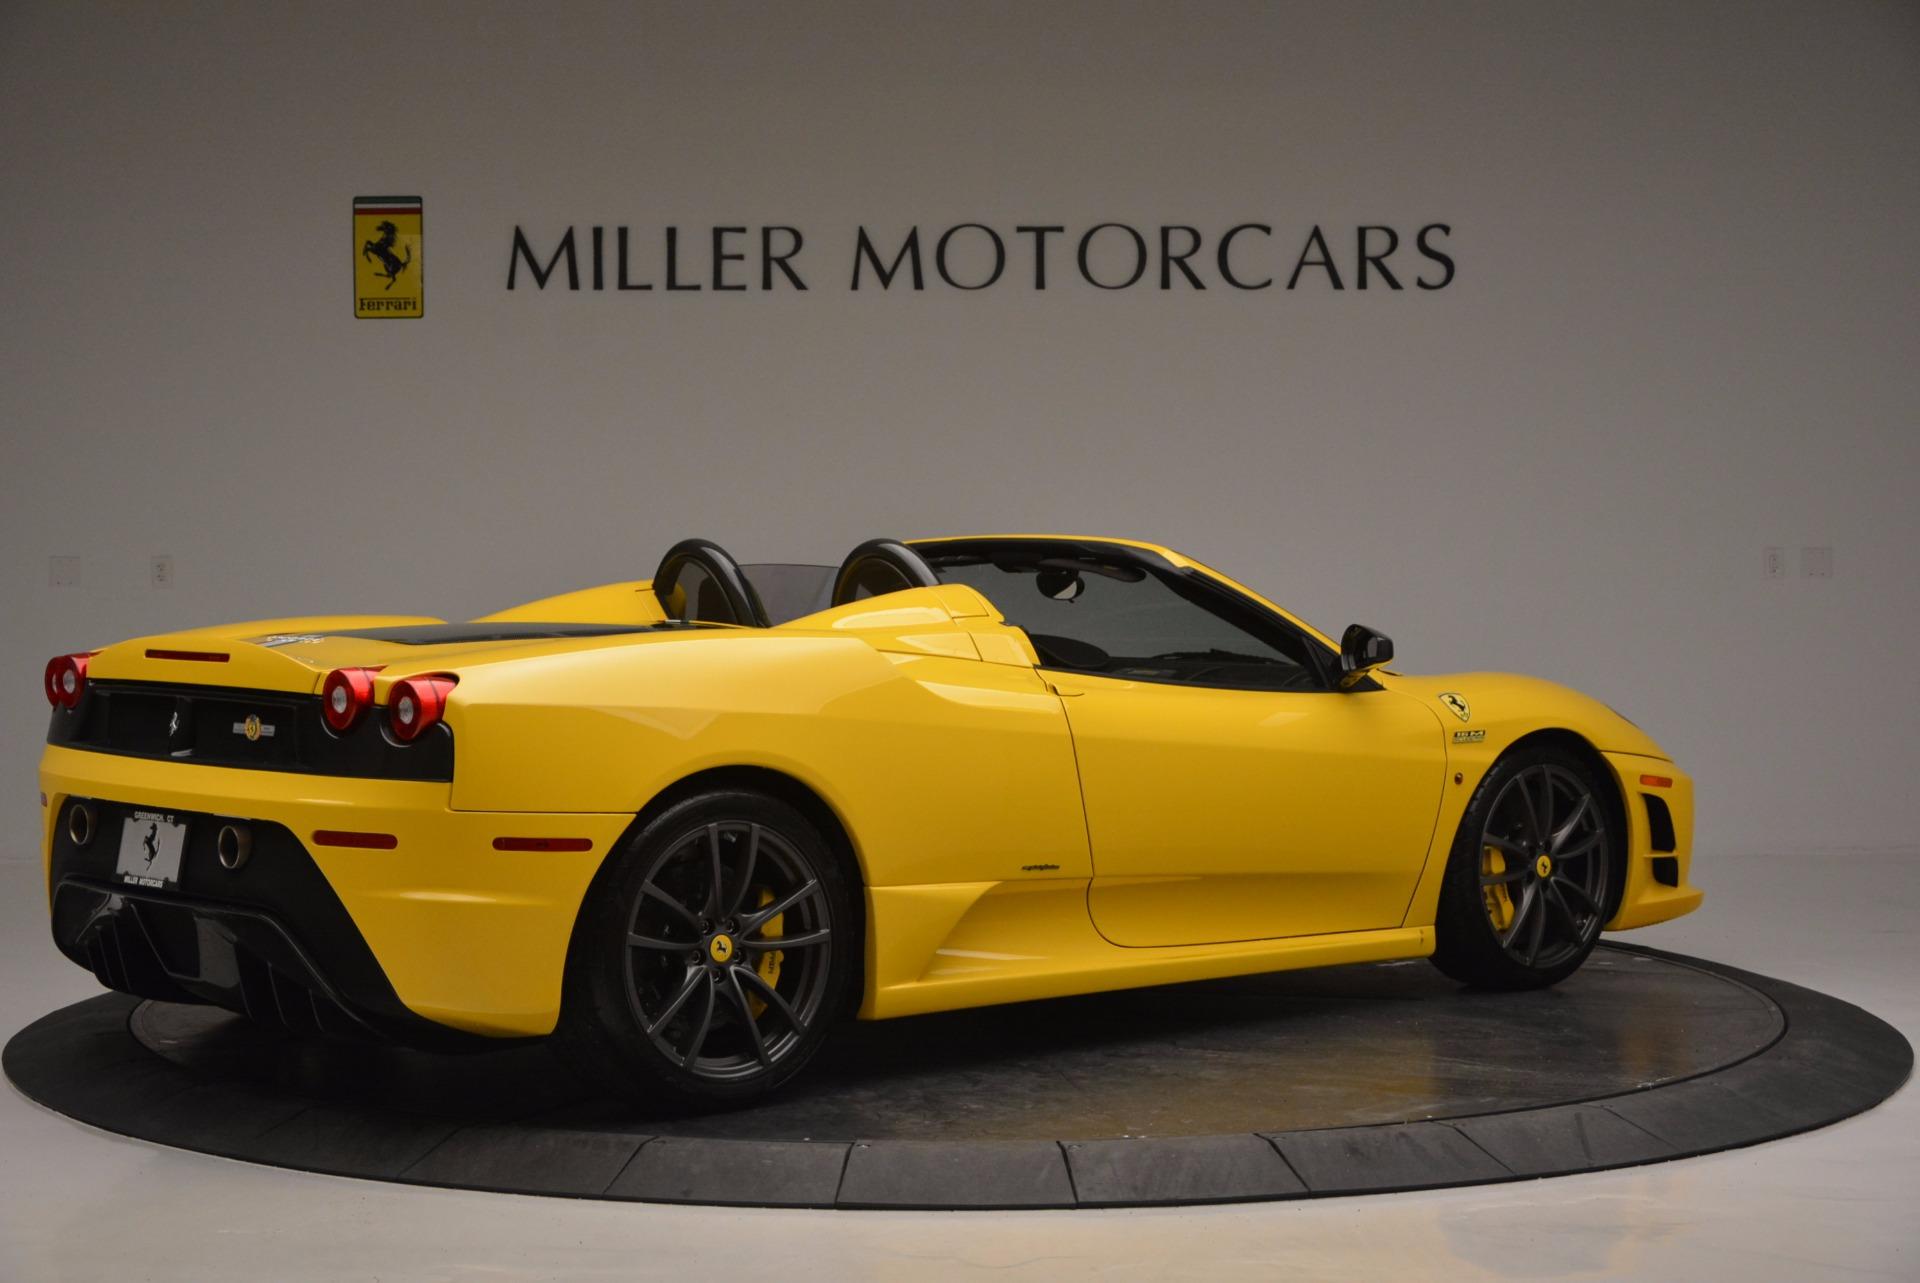 Used 2009 Ferrari F430 Scuderia 16M For Sale In Greenwich, CT 856_p8